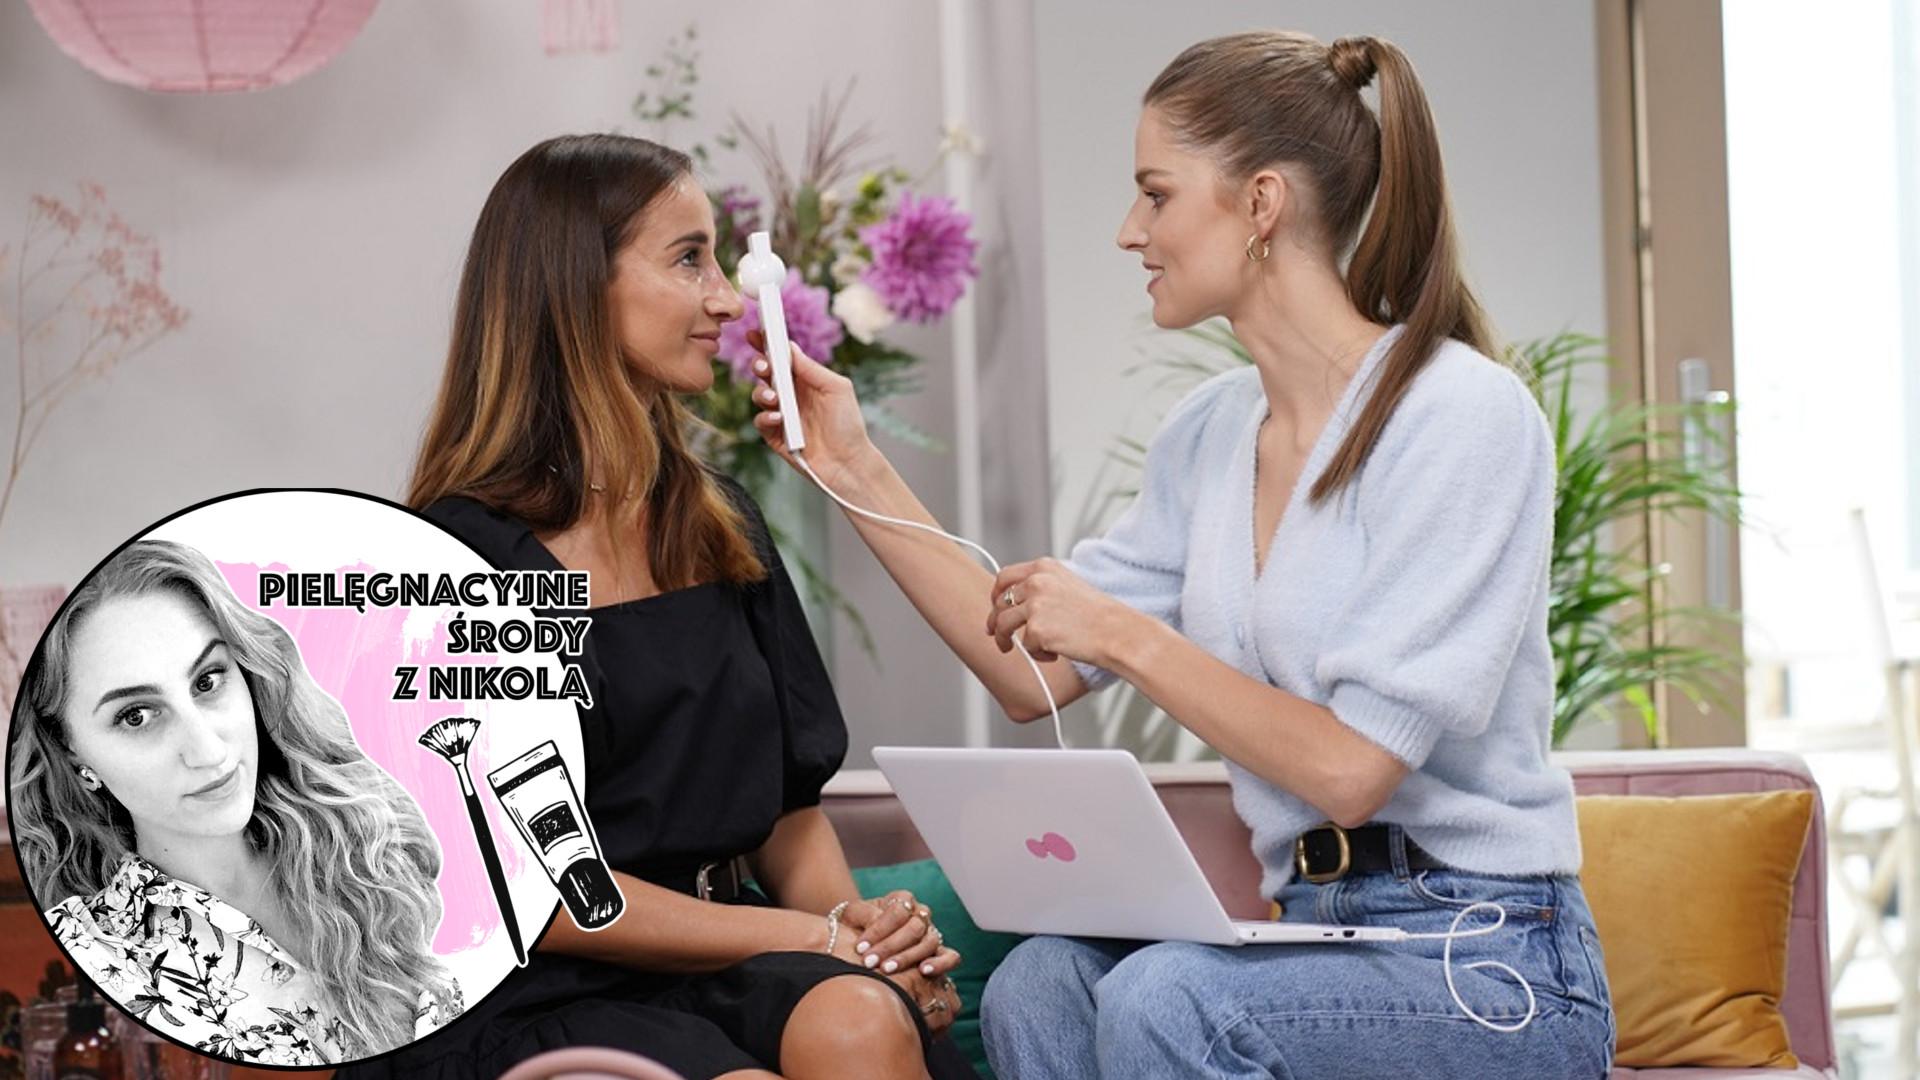 Nowy program dla fanek pielęgnacji i popularnych gadżetów kosmetycznych (PIELĘGNACYJNE ŚRODY)